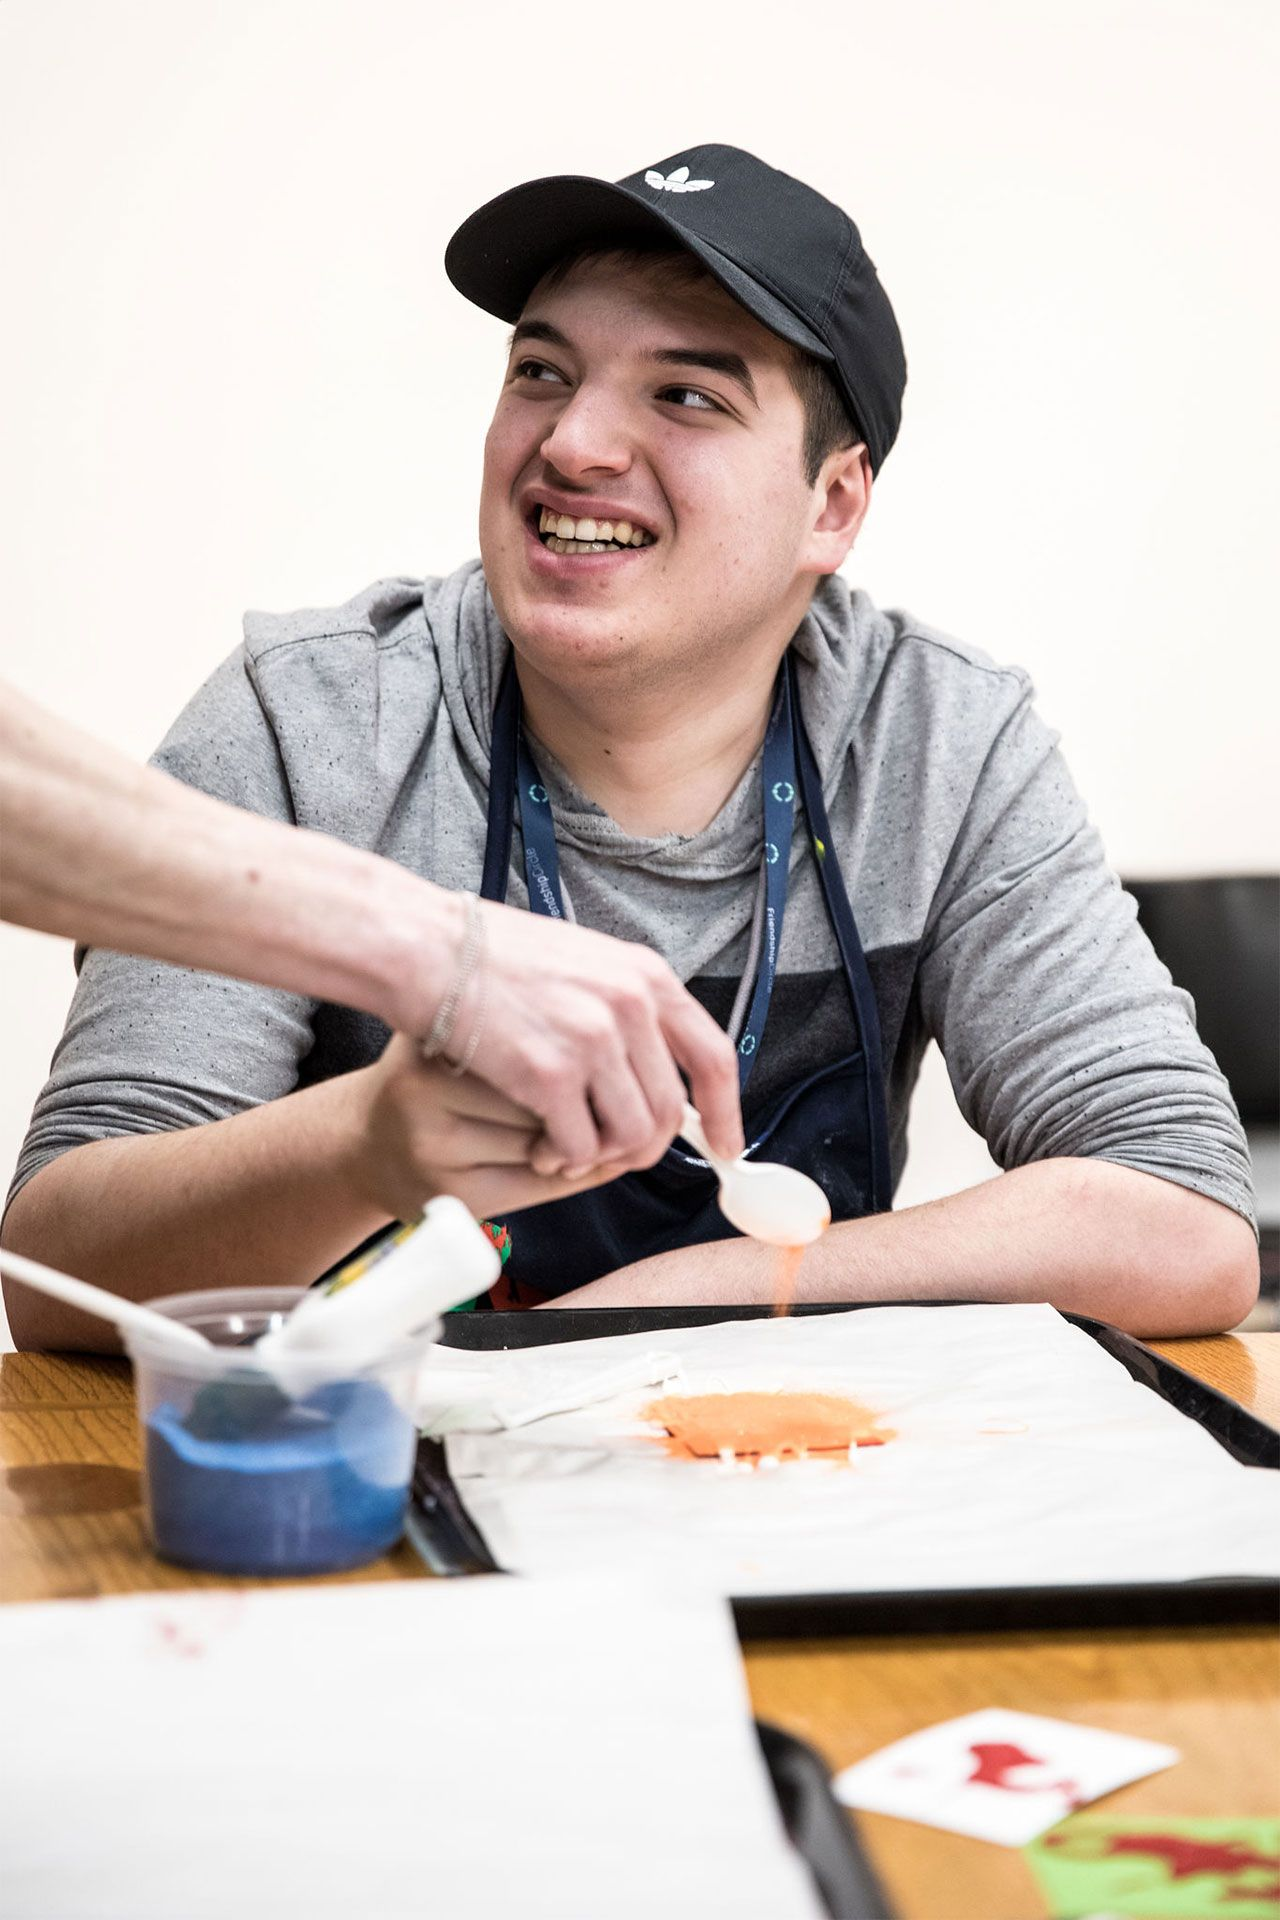 Un jeune adolescent crée une oeuvre avec un pochoir. Photo © Mikaël Theimer (MKL)